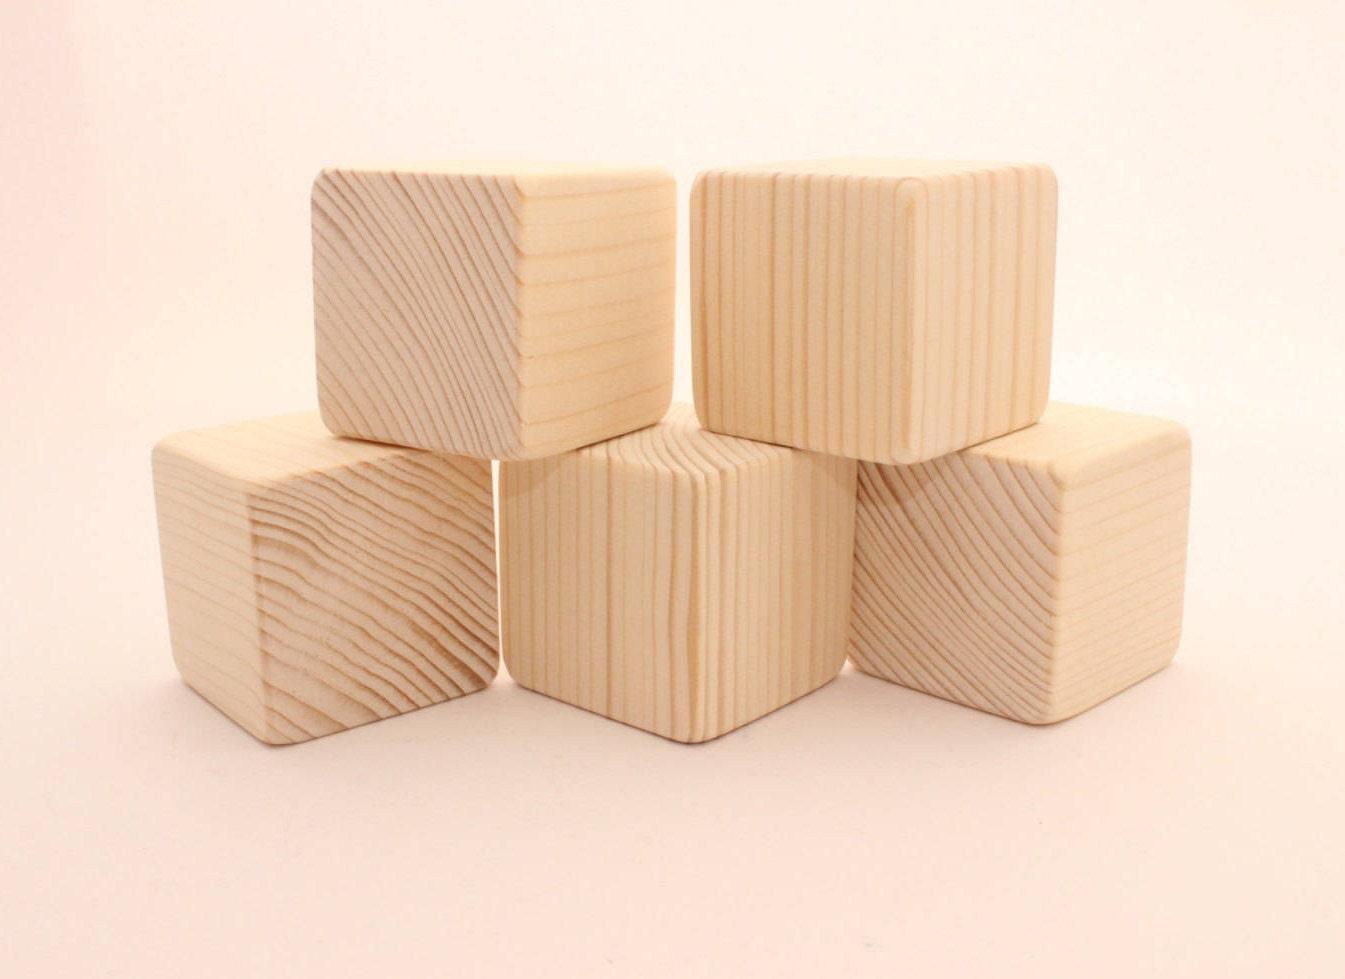 unfinished wooden blocks 2 5 cm 2 inch blocks. Black Bedroom Furniture Sets. Home Design Ideas